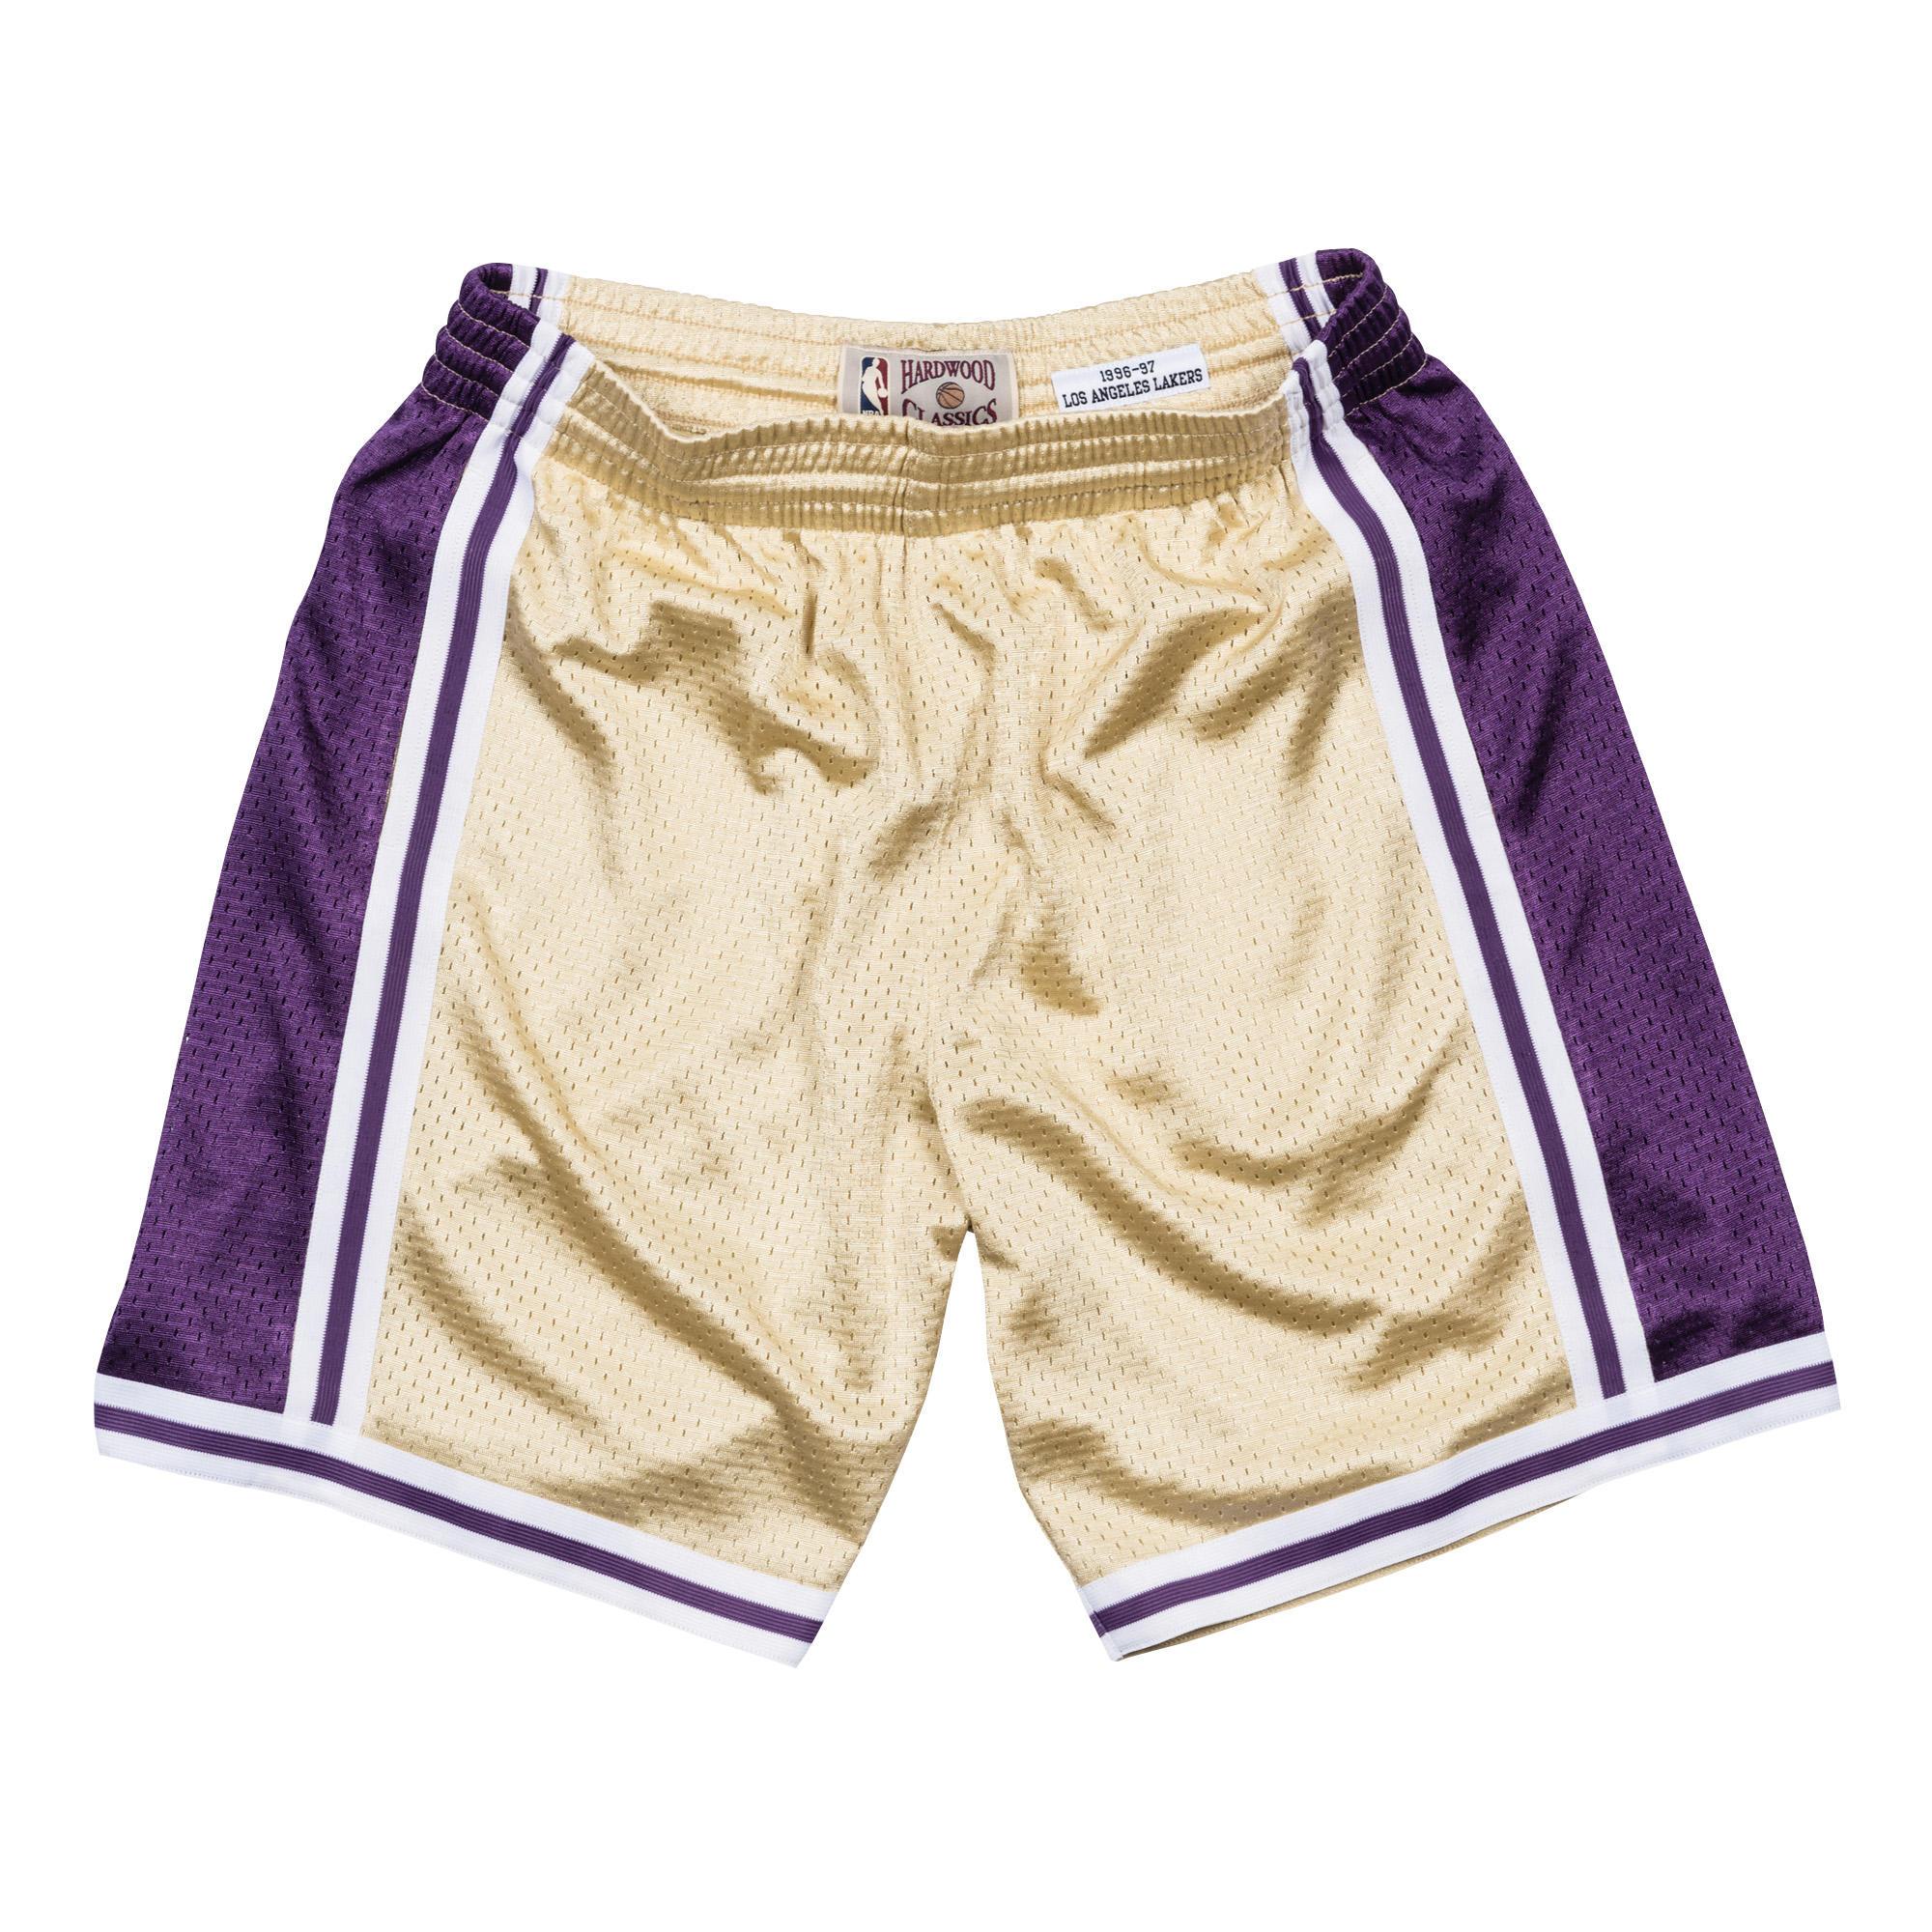 8f3f6bb4 Mitchell & Ness | LA Lakers Gold Swingman Shorts